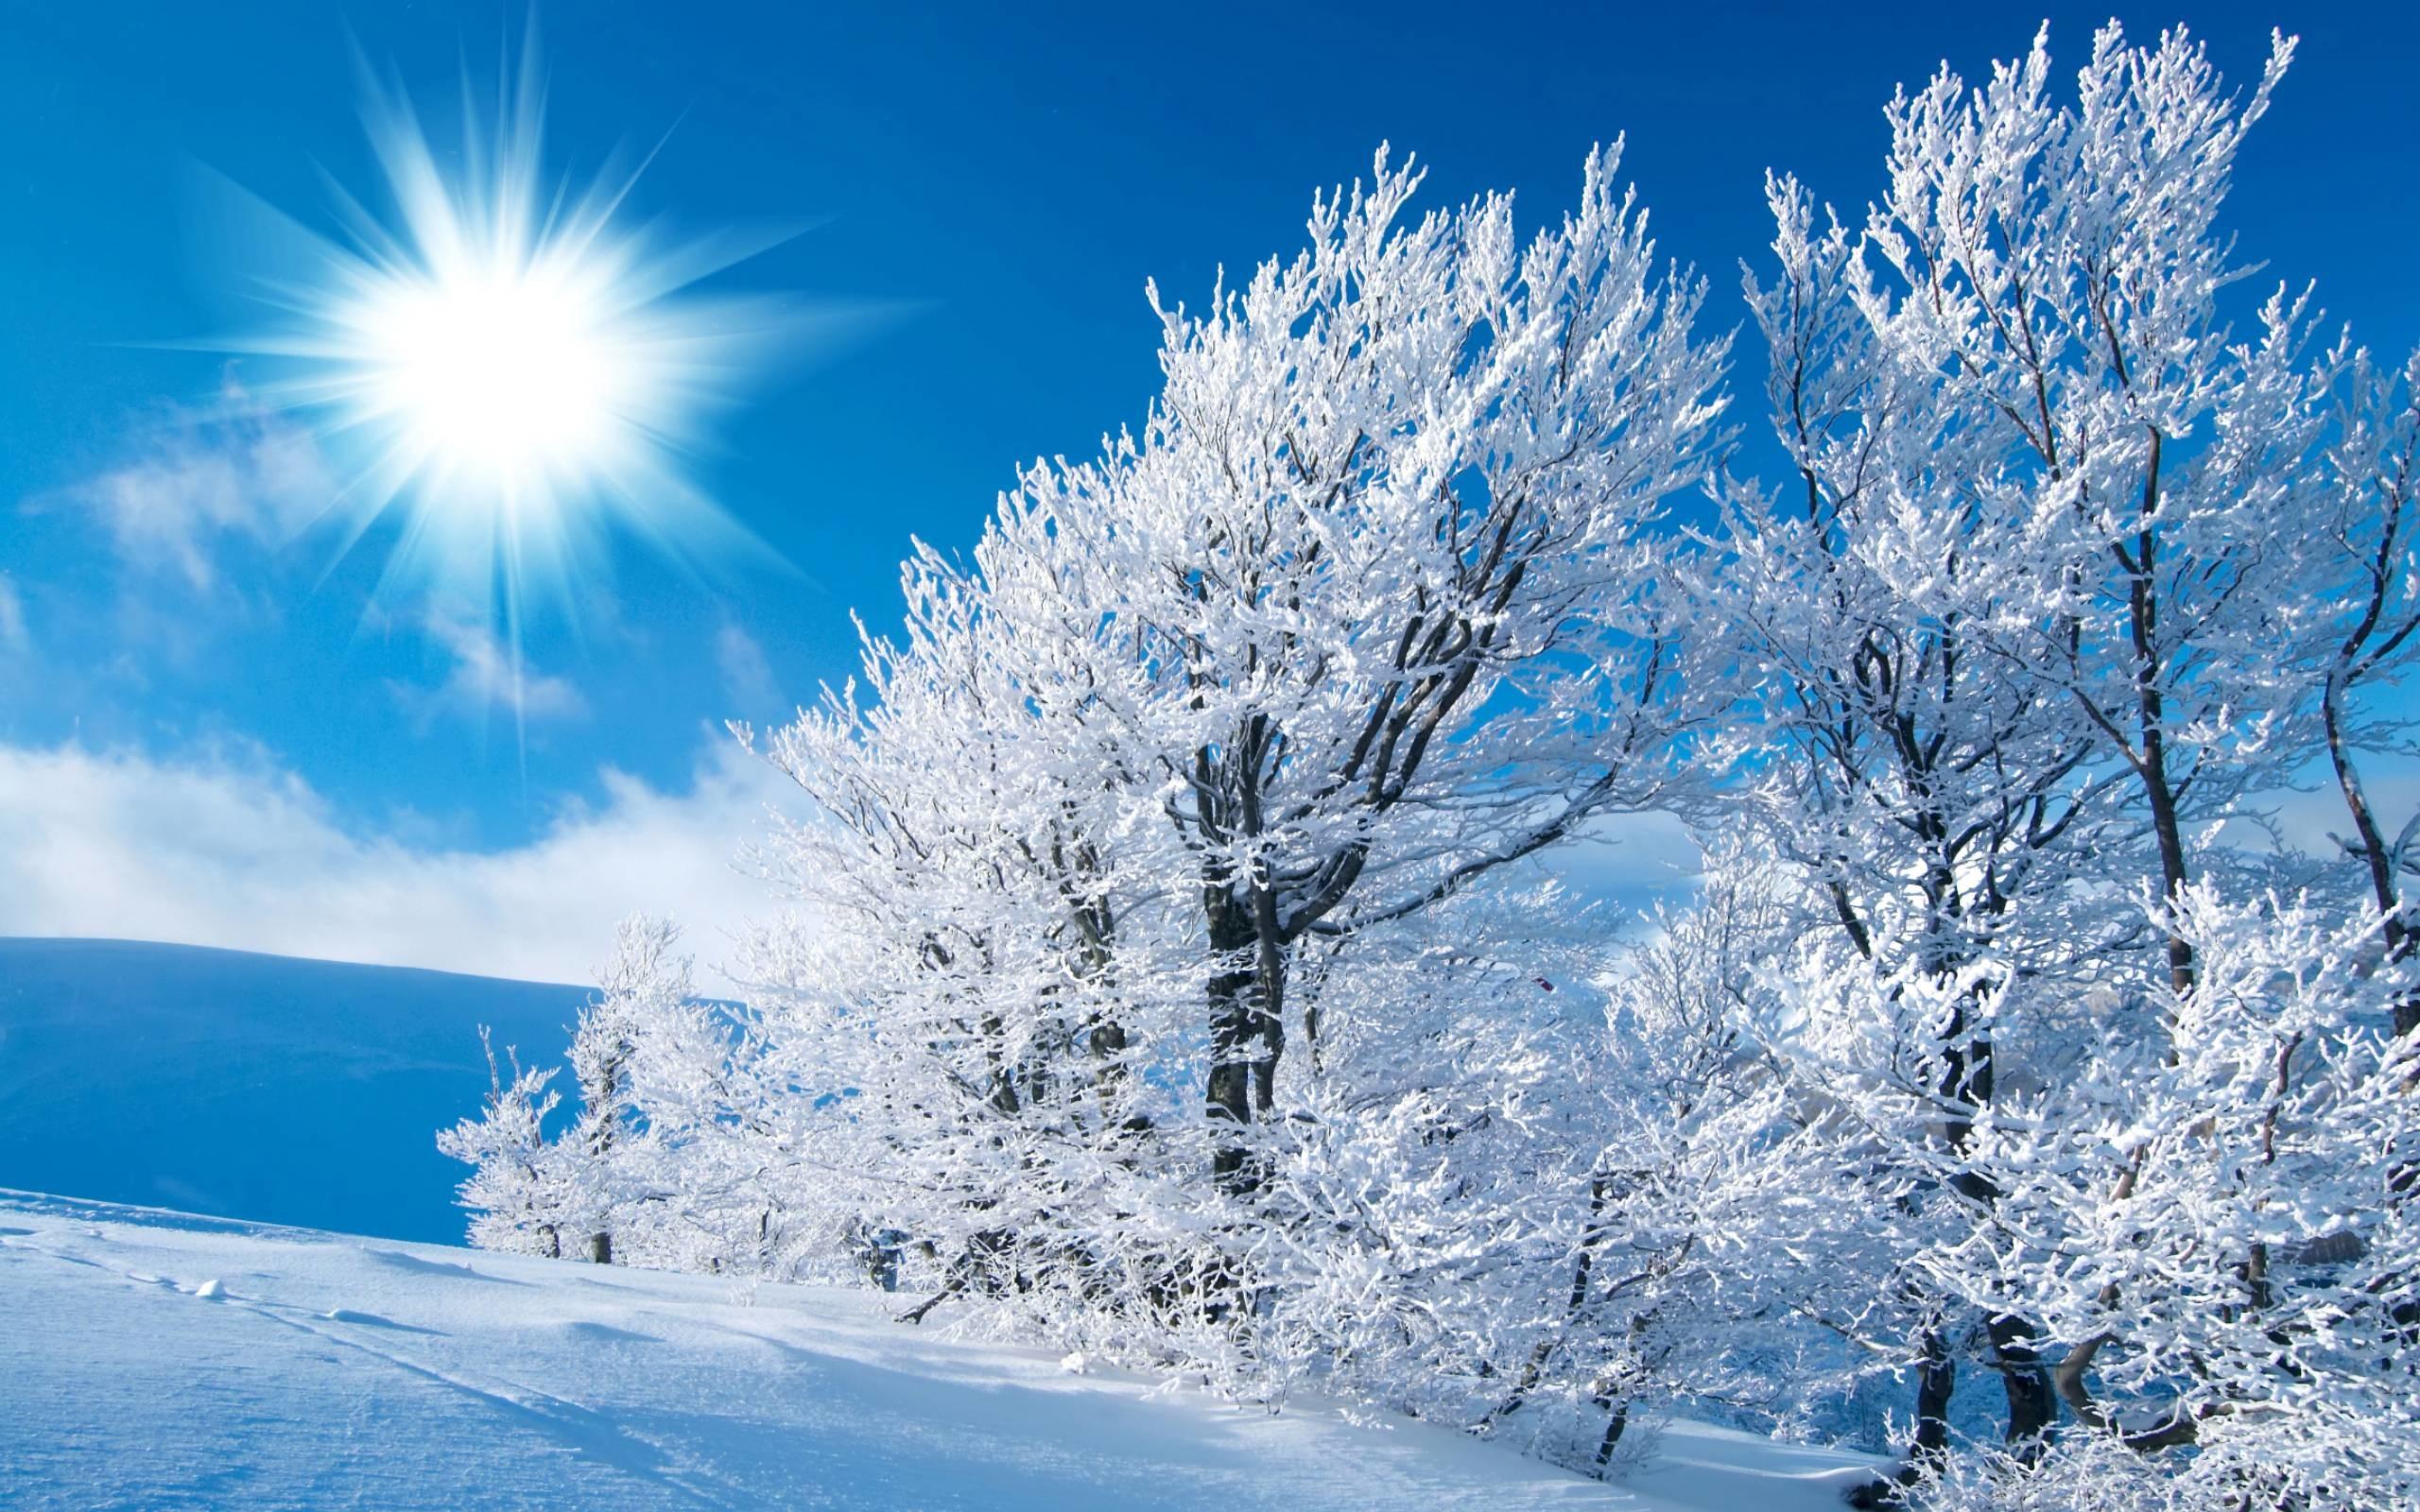 Cozy Winter Scenes Wallpaper (41+ images)